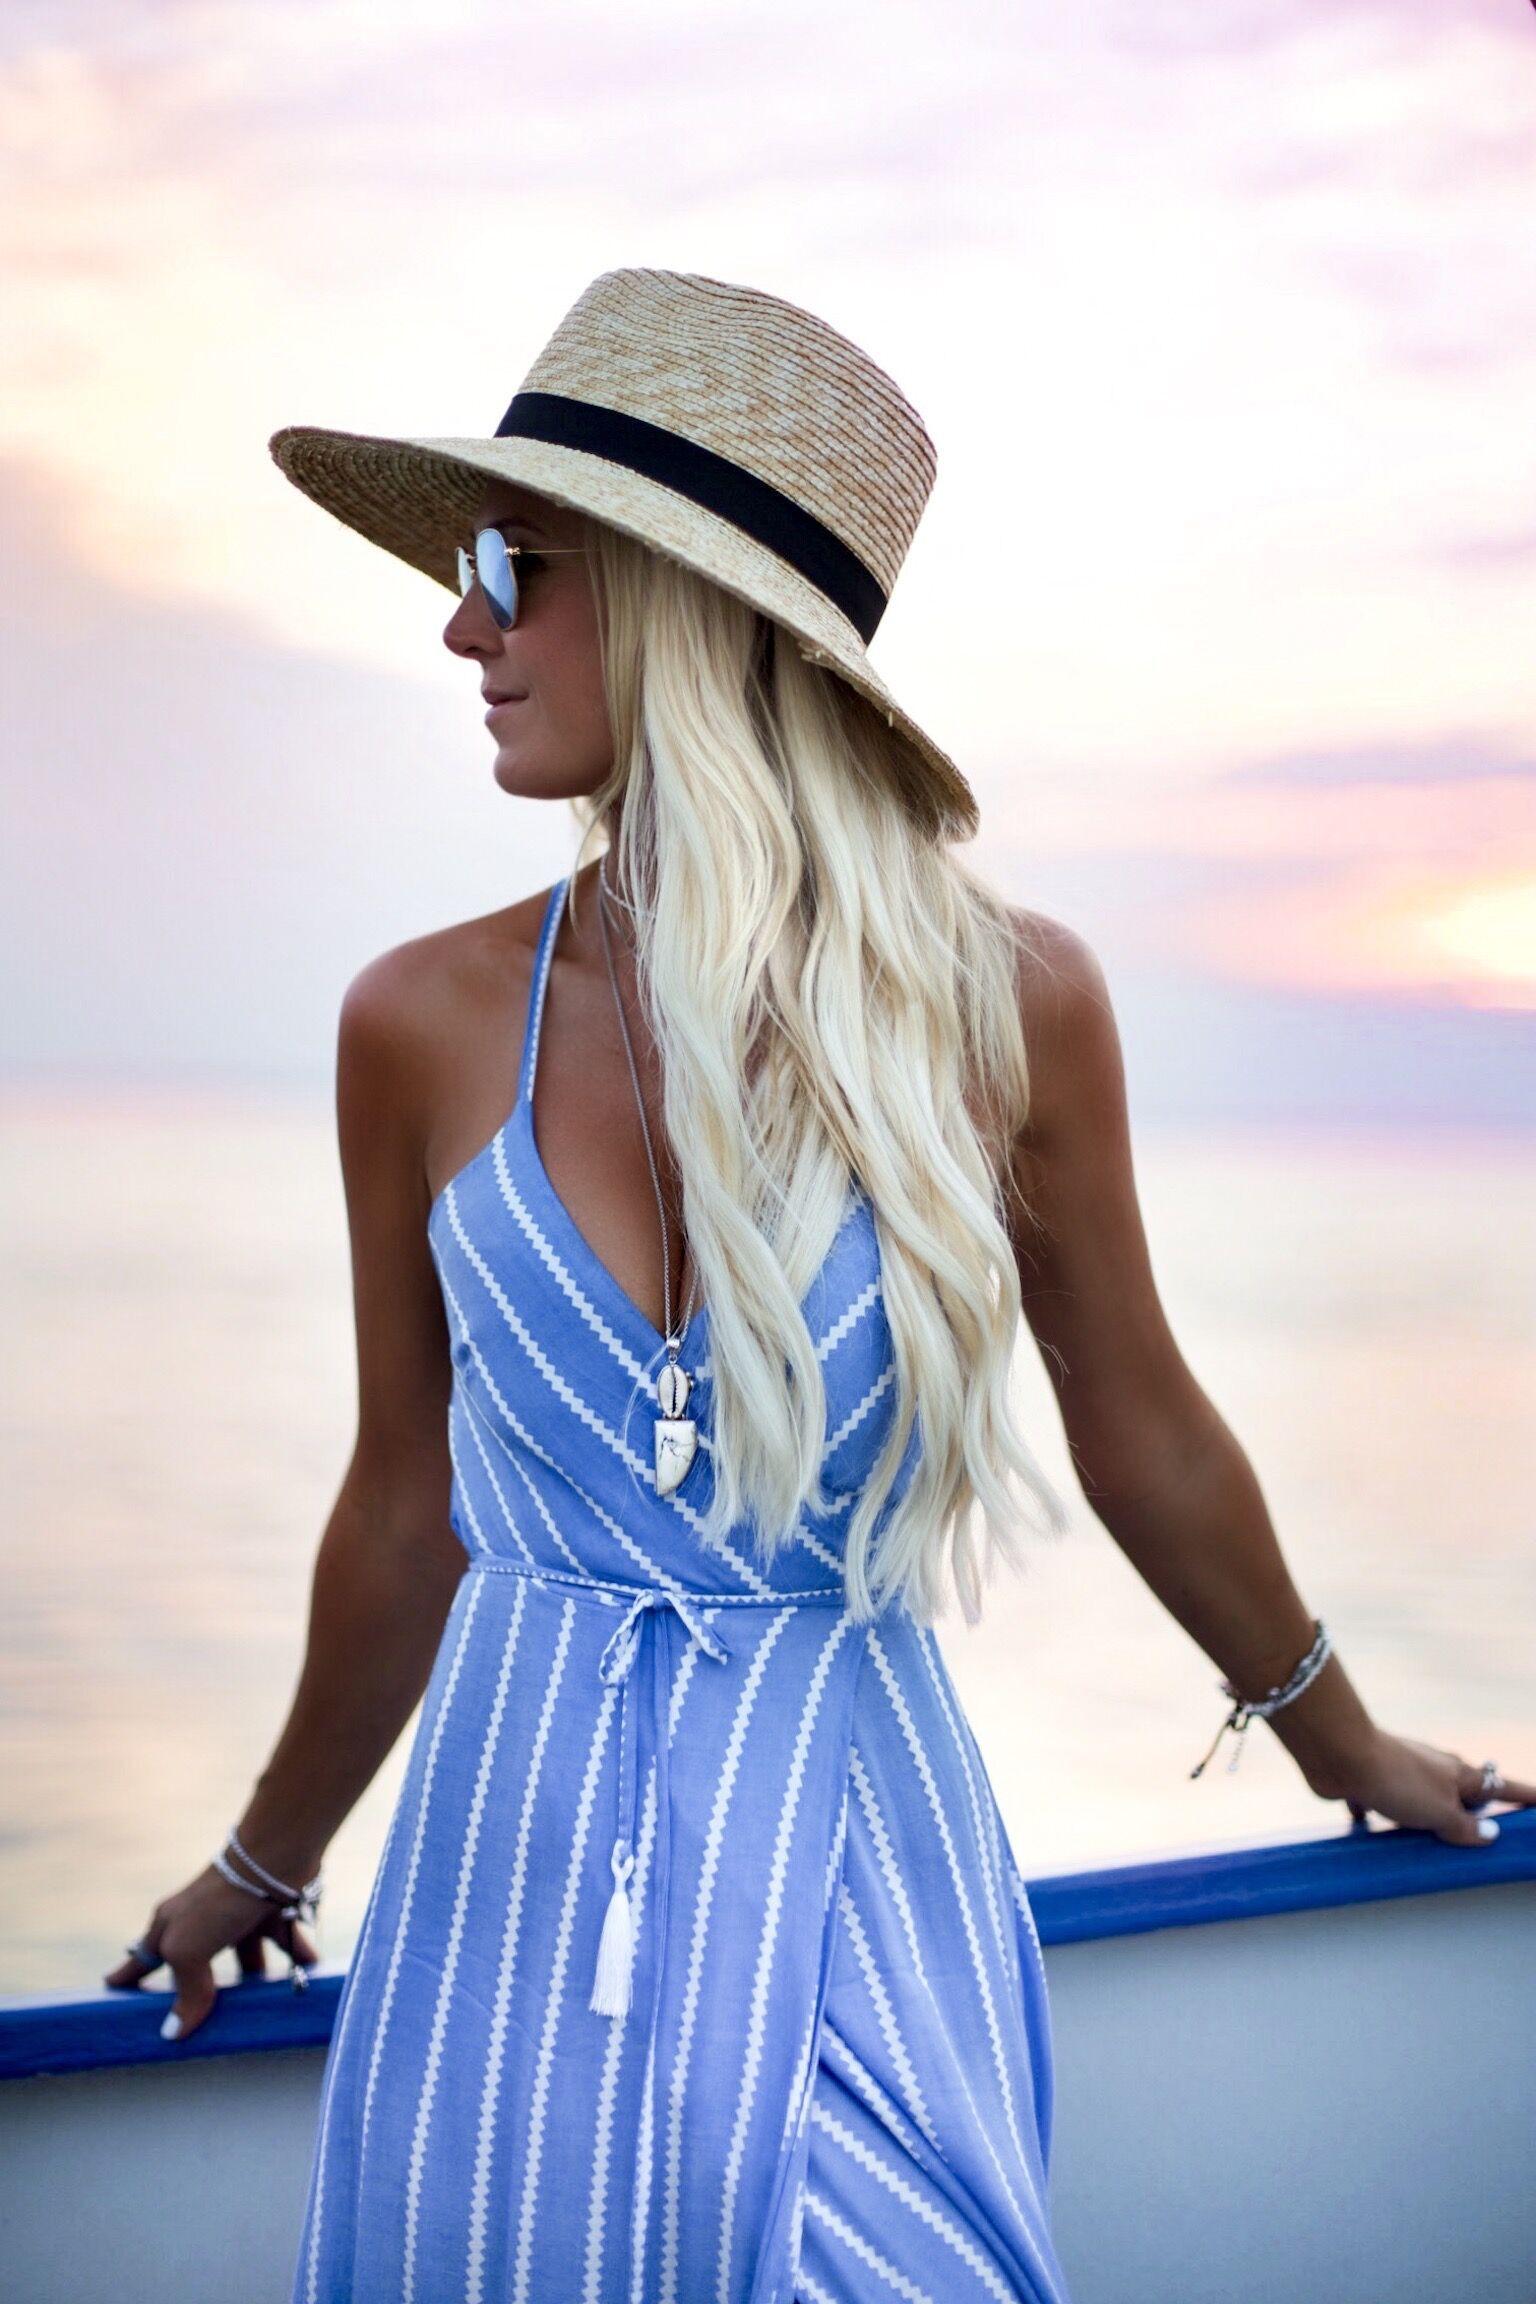 New Women Summer Dress Boho Maxi Long Striped Halter Evening Party Beach Dresses Sundress Irregular Bohemian Holiday Dress